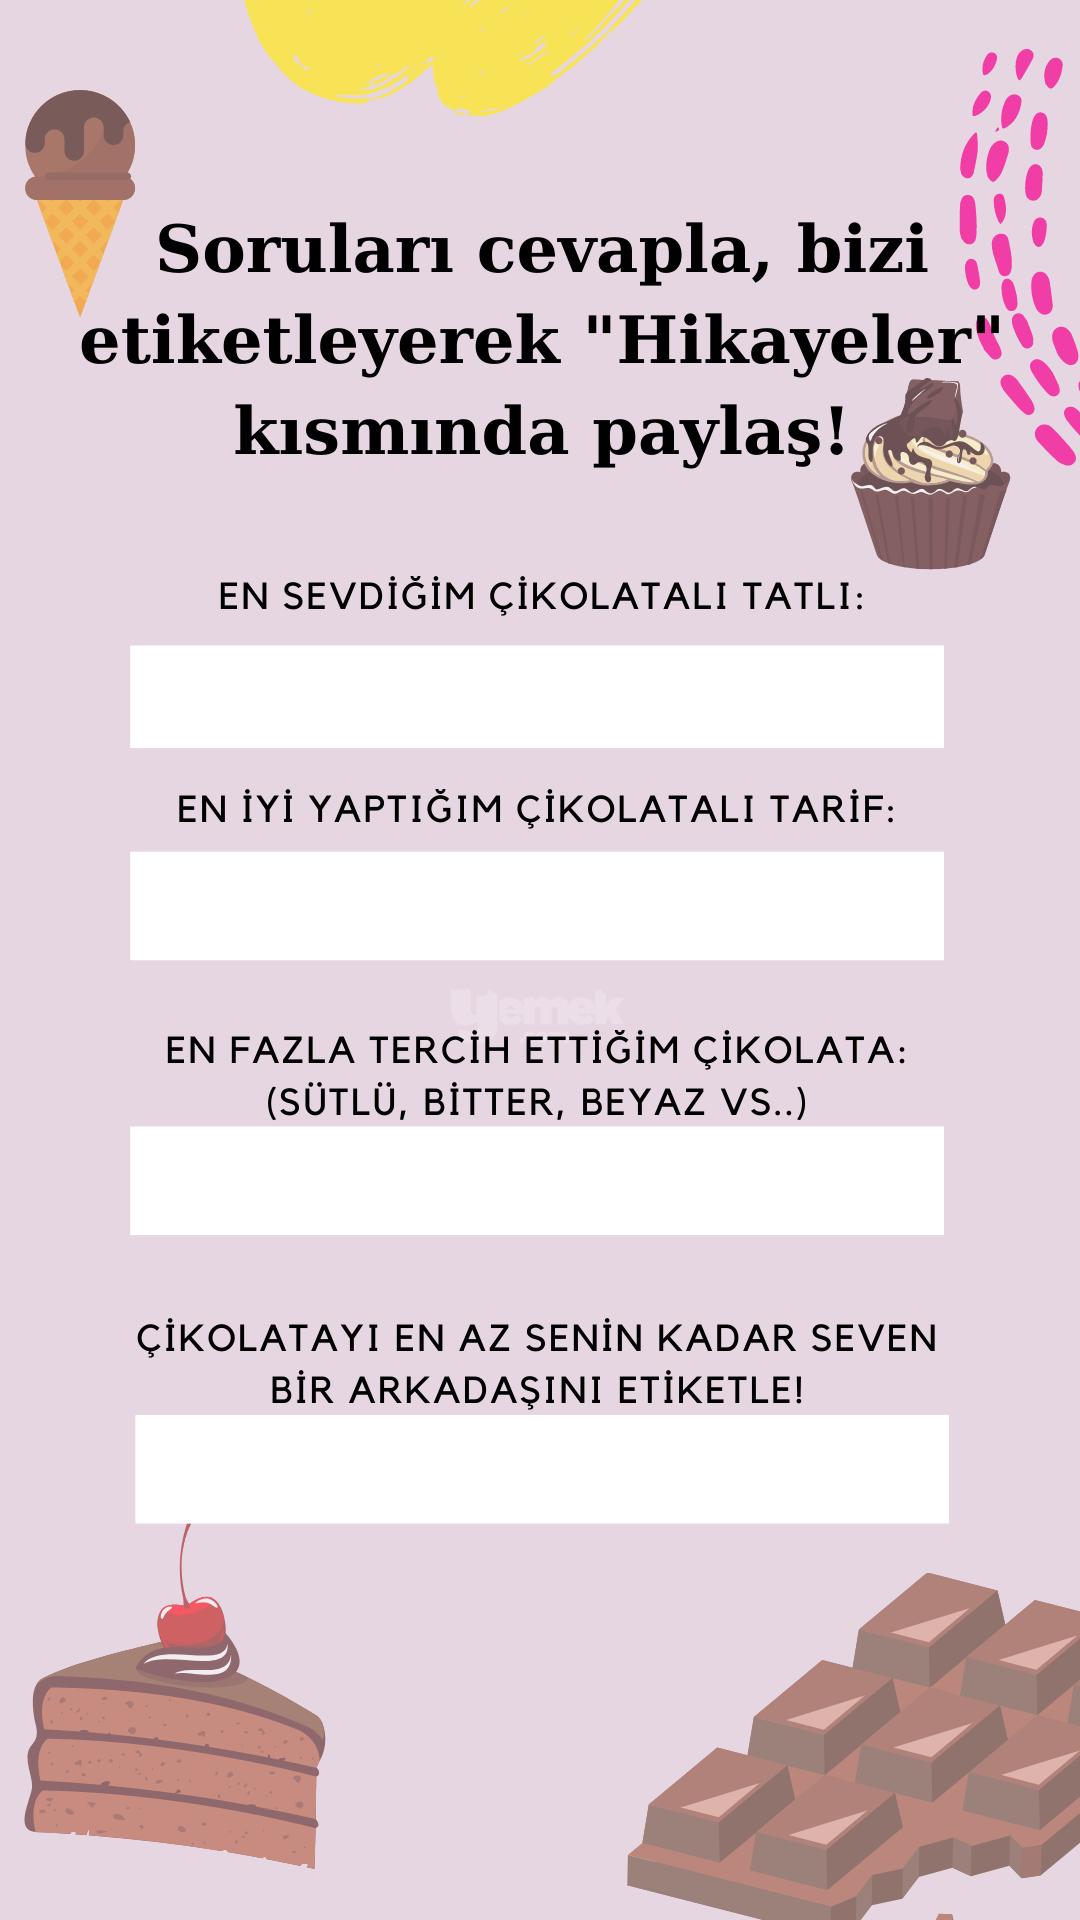 cikolata-story-anket